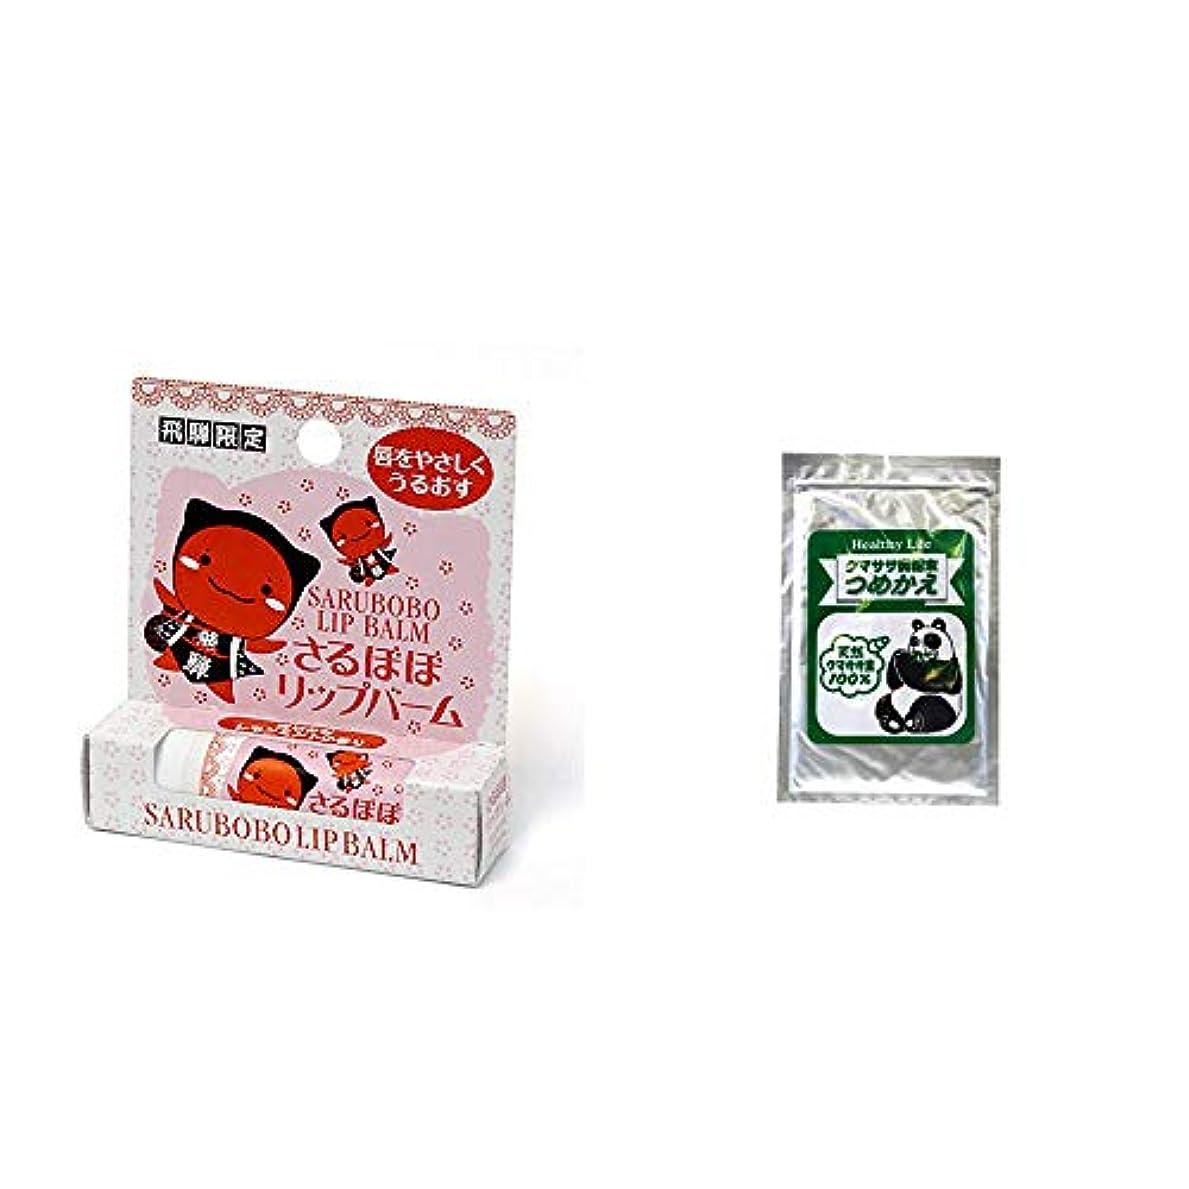 カップル泥くしゃみ[2点セット] さるぼぼ リップバーム(4g) ?木曽産 熊笹100% クマササ微粉末 詰め替え用 (60g)